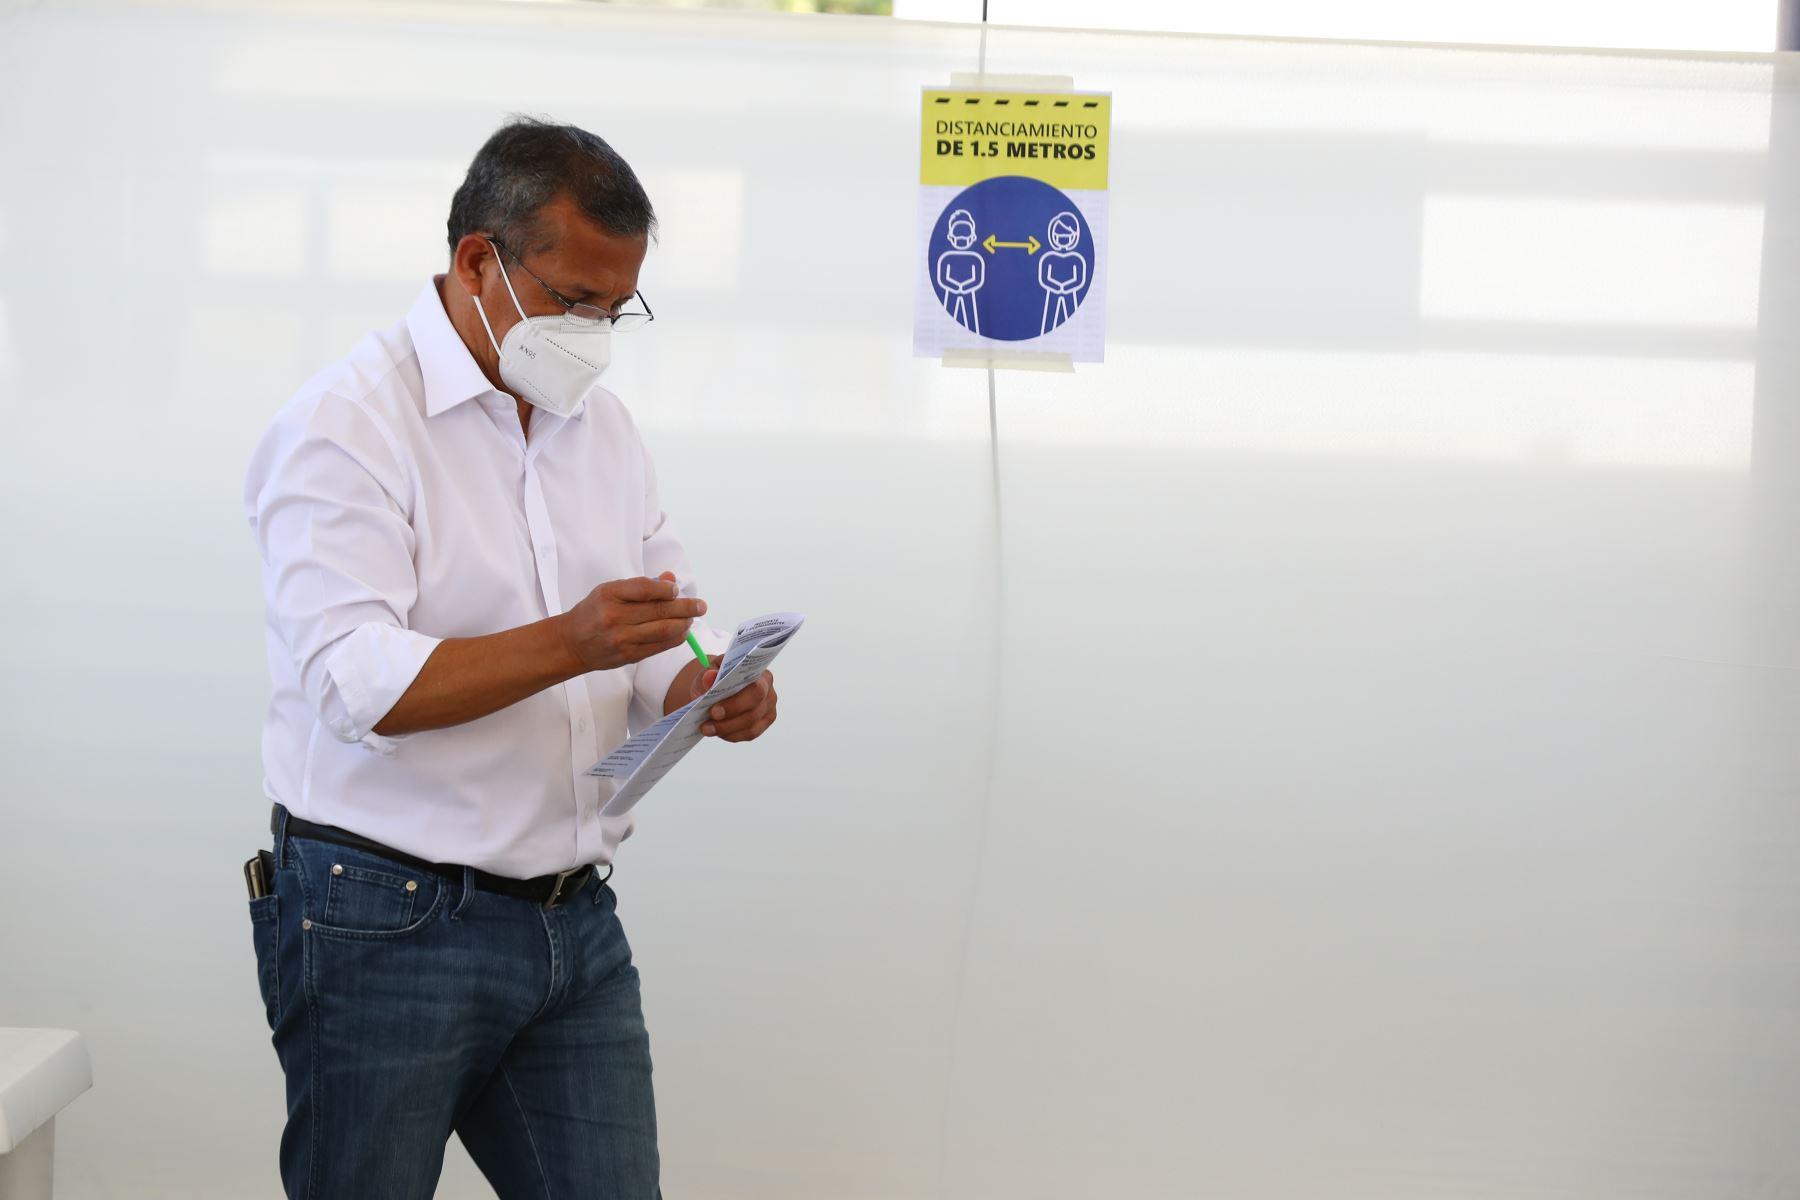 LIMA (PERÚ), 11/04/2021.-El candidato presidencial del Partido Nacionalista,  Ollanta Humala, emite su voto en el colegio Champagnat, en el distrito de Surco, durante la jornada de las Elecciones Generales 2021.  Foto: ANDINA/Melina Mejía